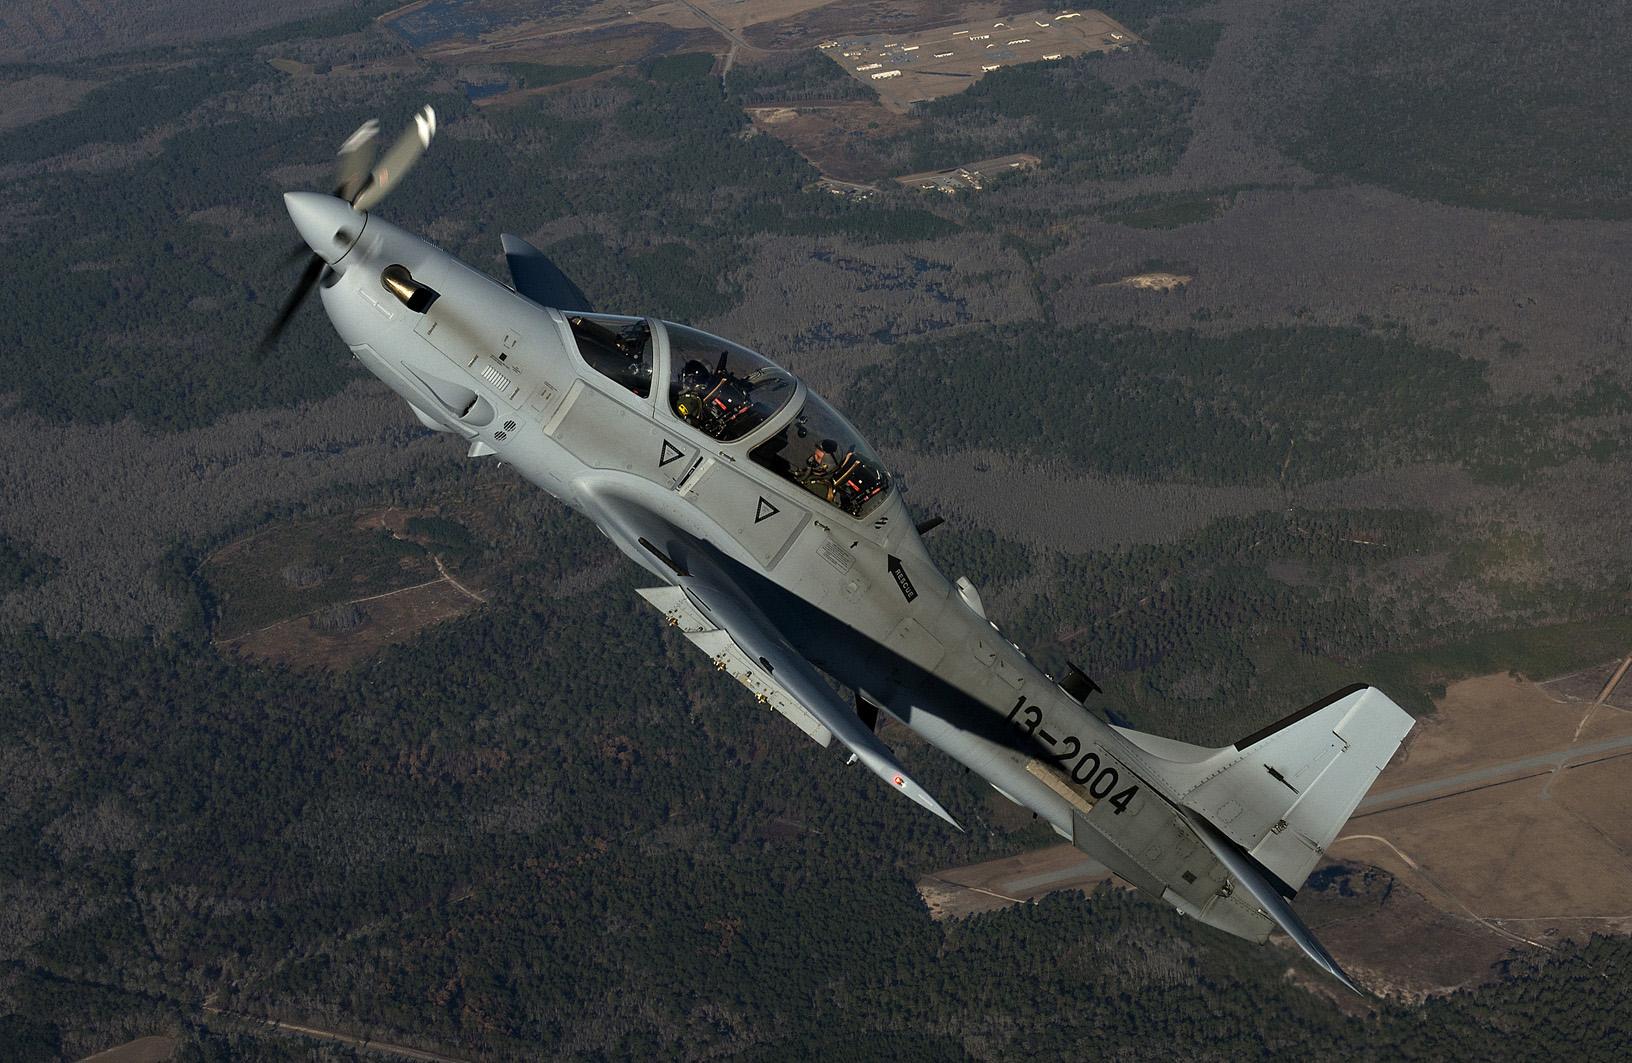 A-29 Super Tucano do Programa LAS destinado ao Afeganistão